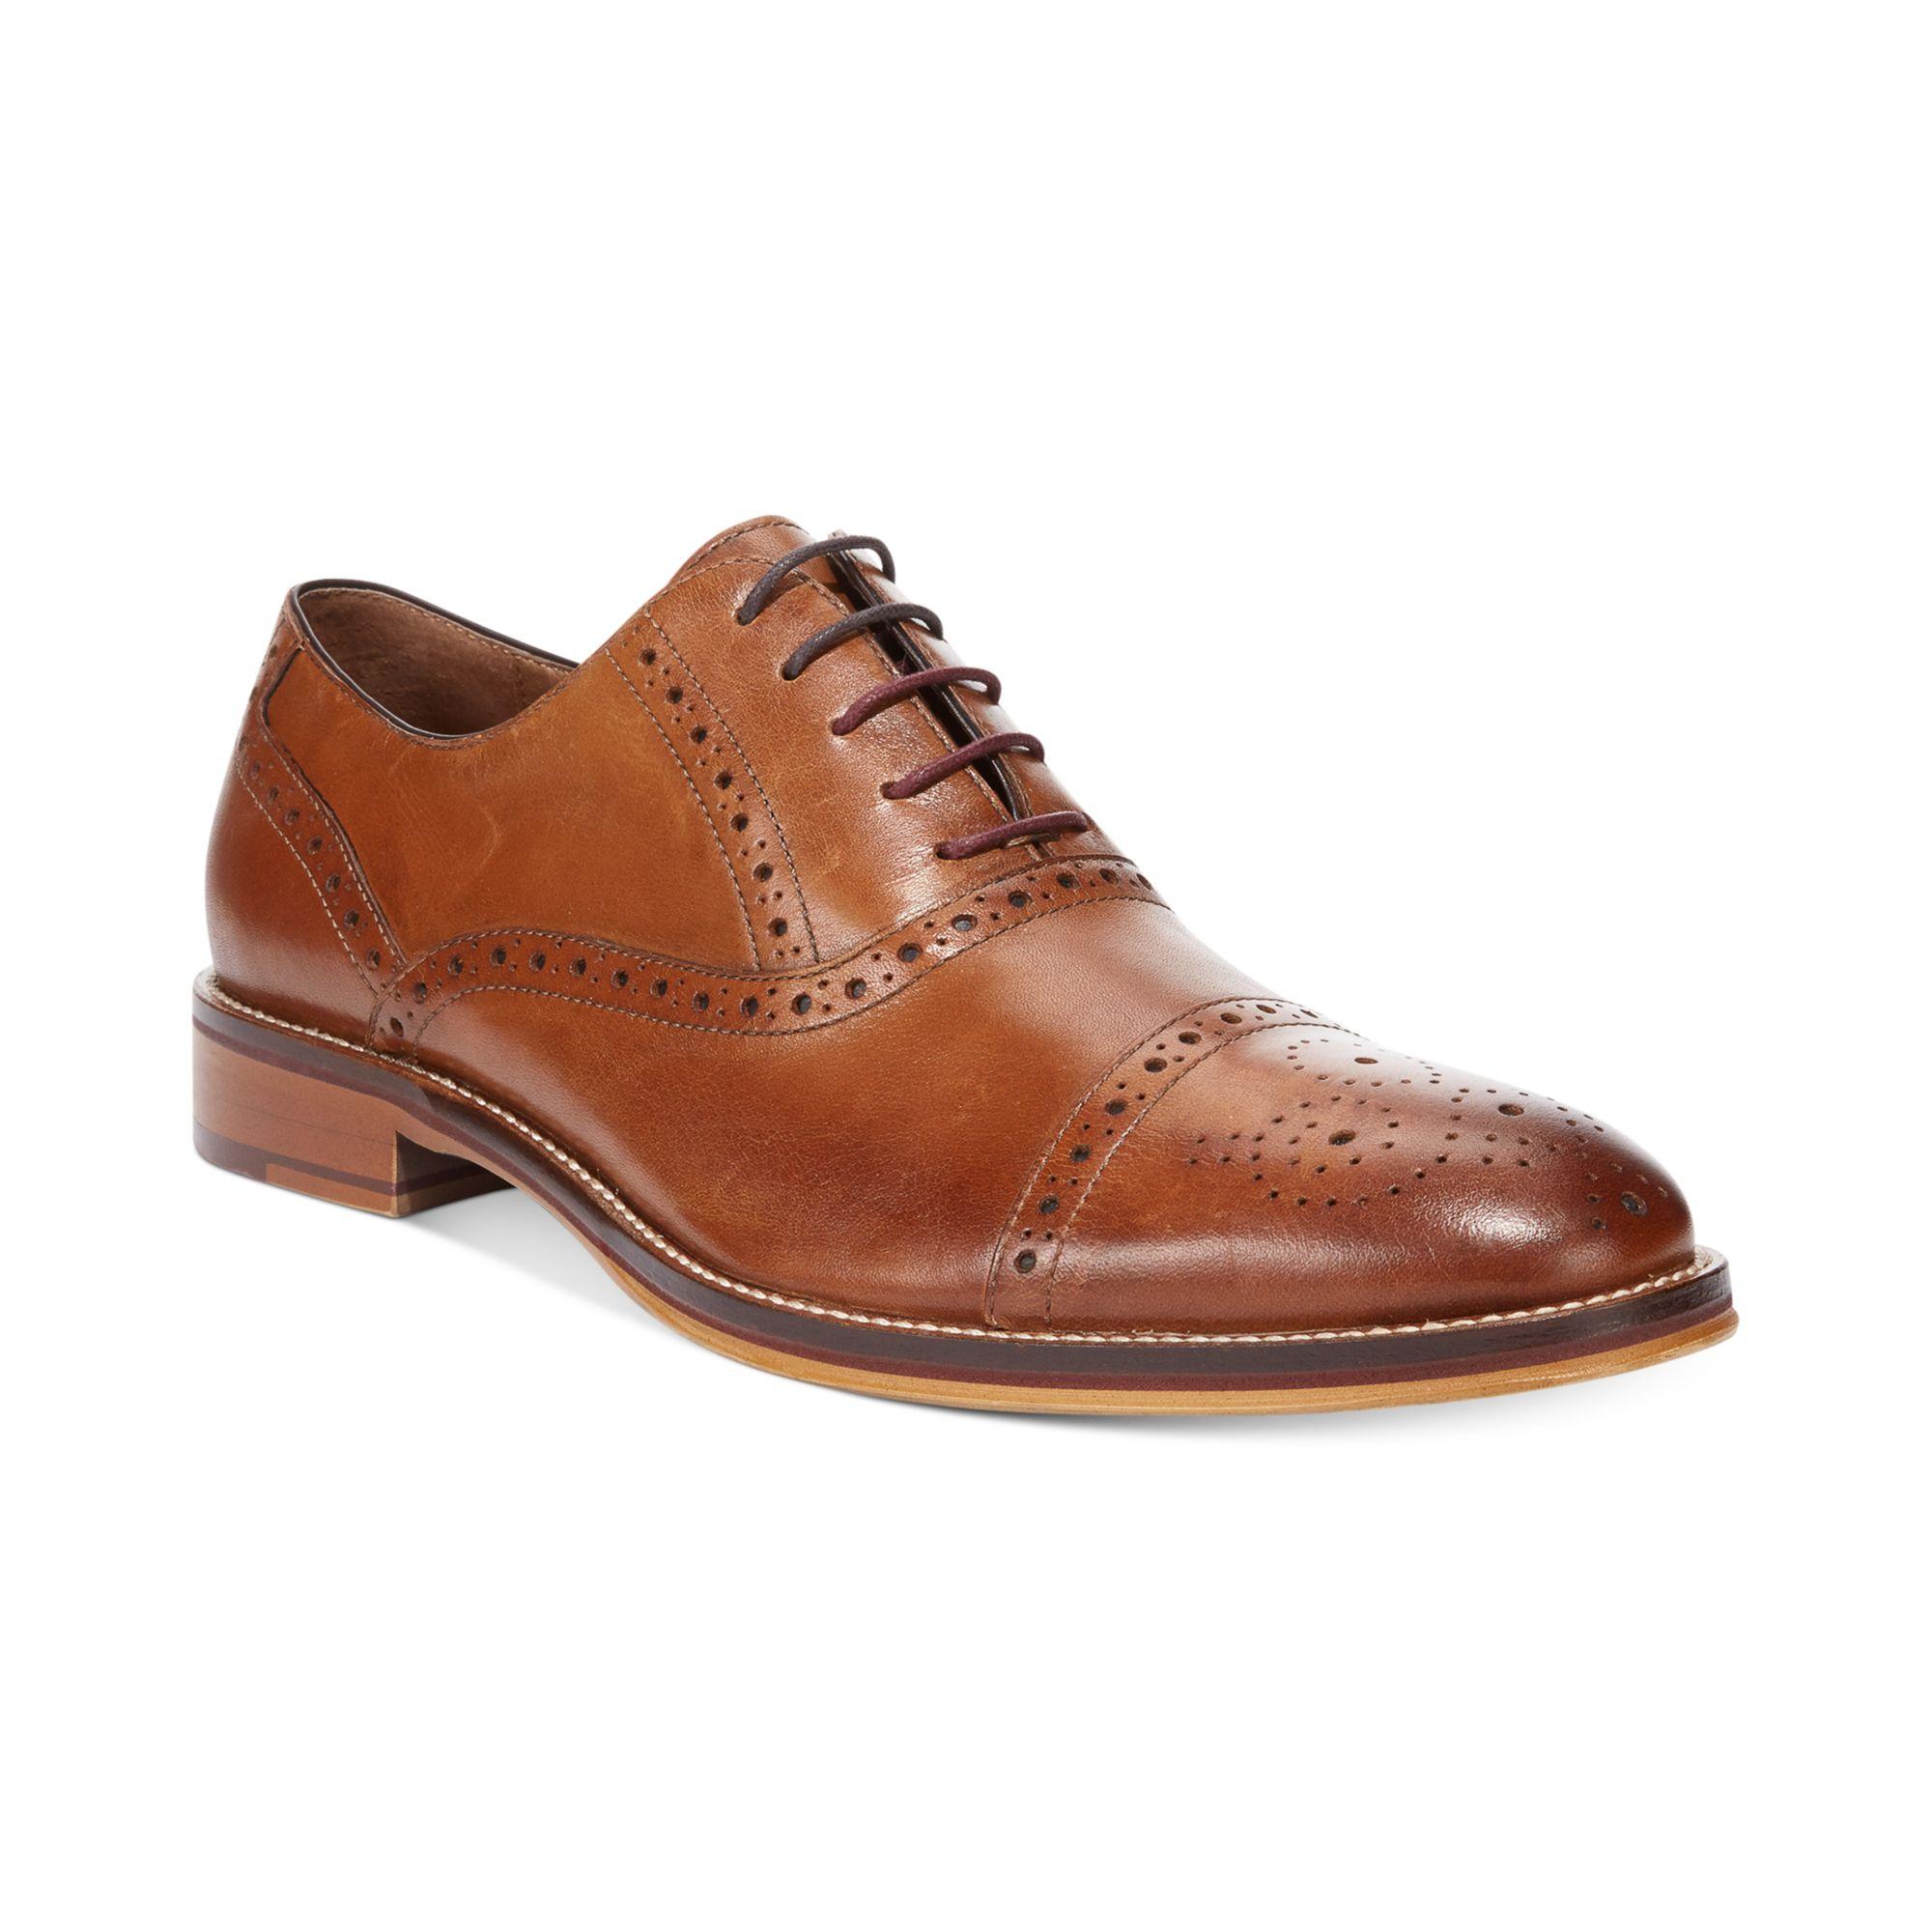 Mens Shoes Sale Macy